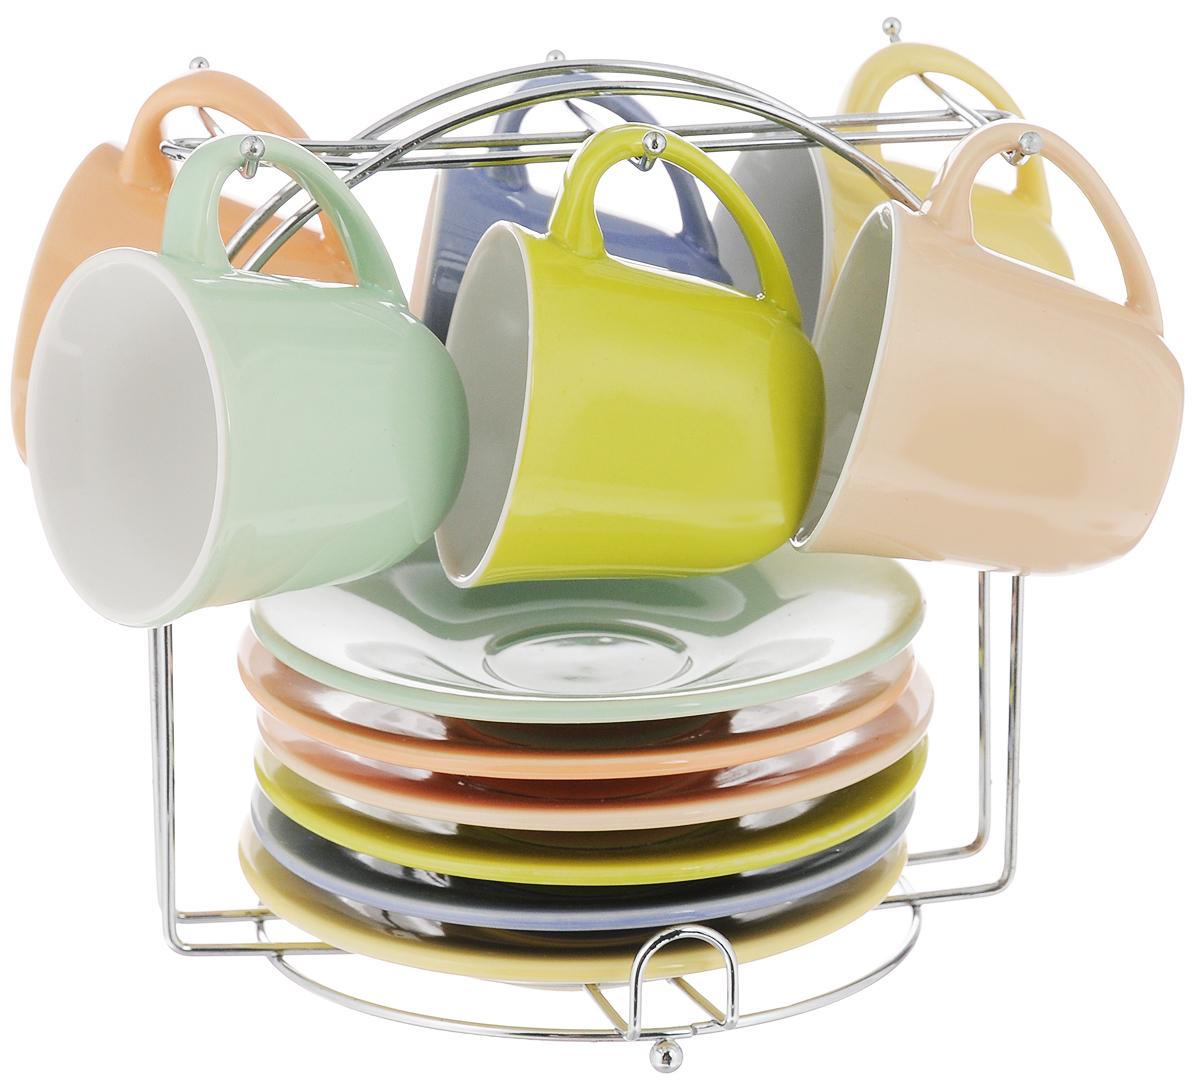 Фото - Набор кофейный Loraine, на подставке, 13 предметов. 24865 [супермаркет] jingdong геб scybe фил приблизительно круглая чашка установлена в вертикальном положении стеклянной чашки 290мла 6 z